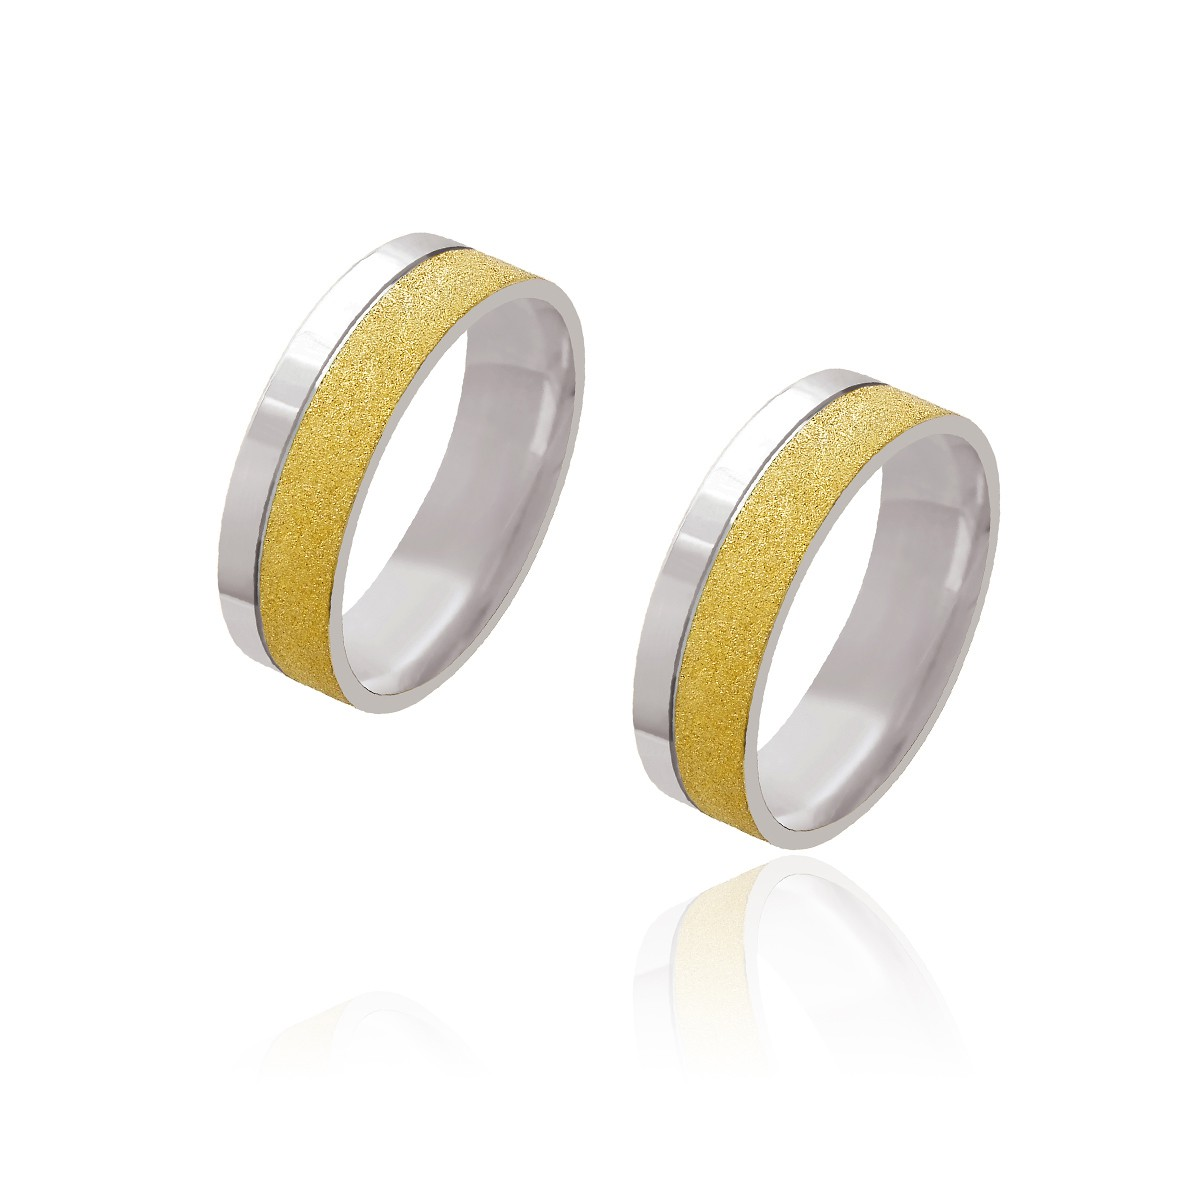 Par de Alianças de Casamento Afrodite Ouro 18k com Ouro 18k Branco Reto Friso 6mm 14g